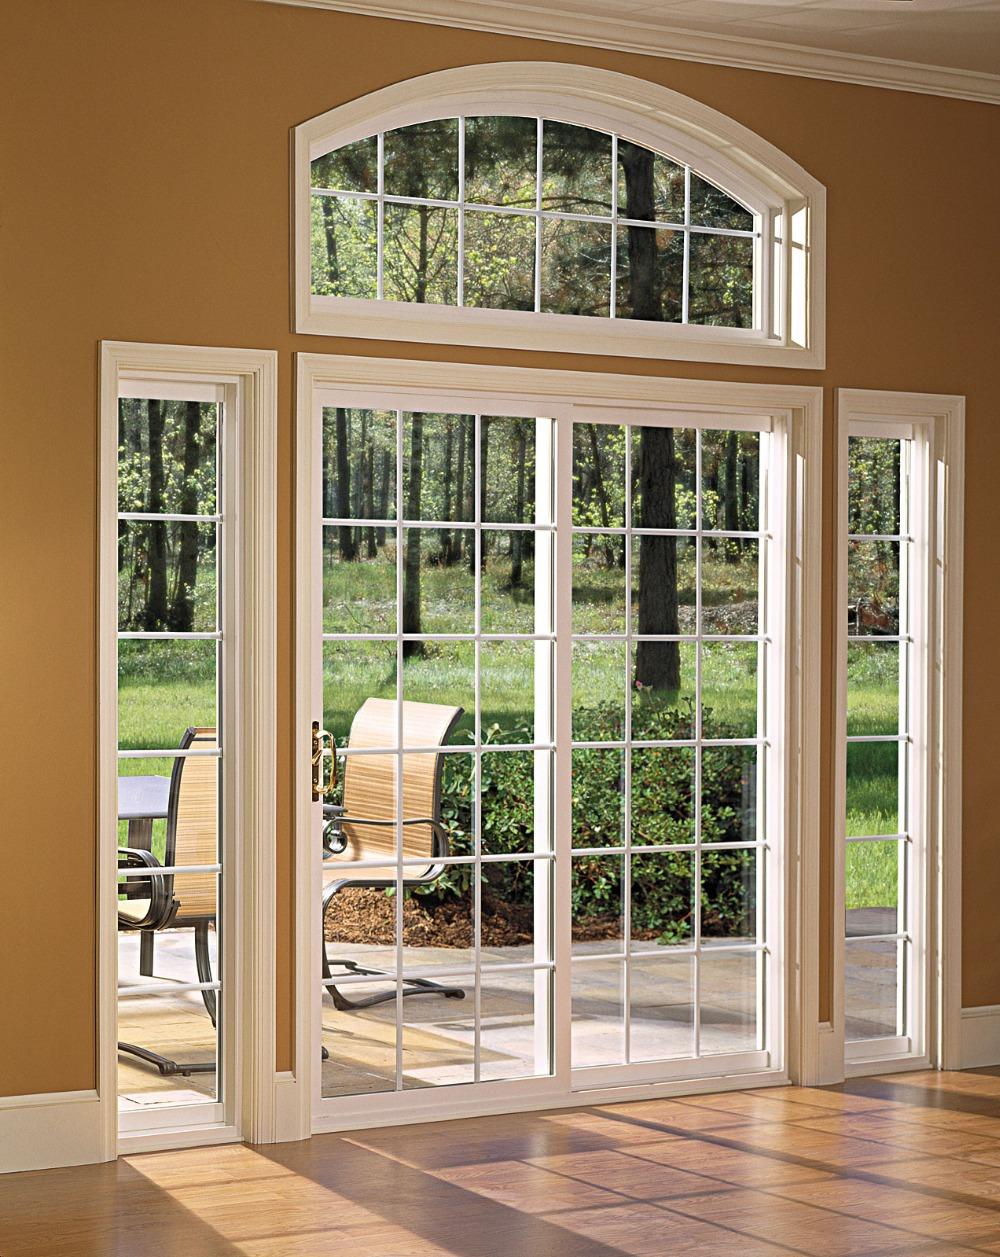 diseo moderno de aluminio de puertas y ventanas para el nuevo hogar